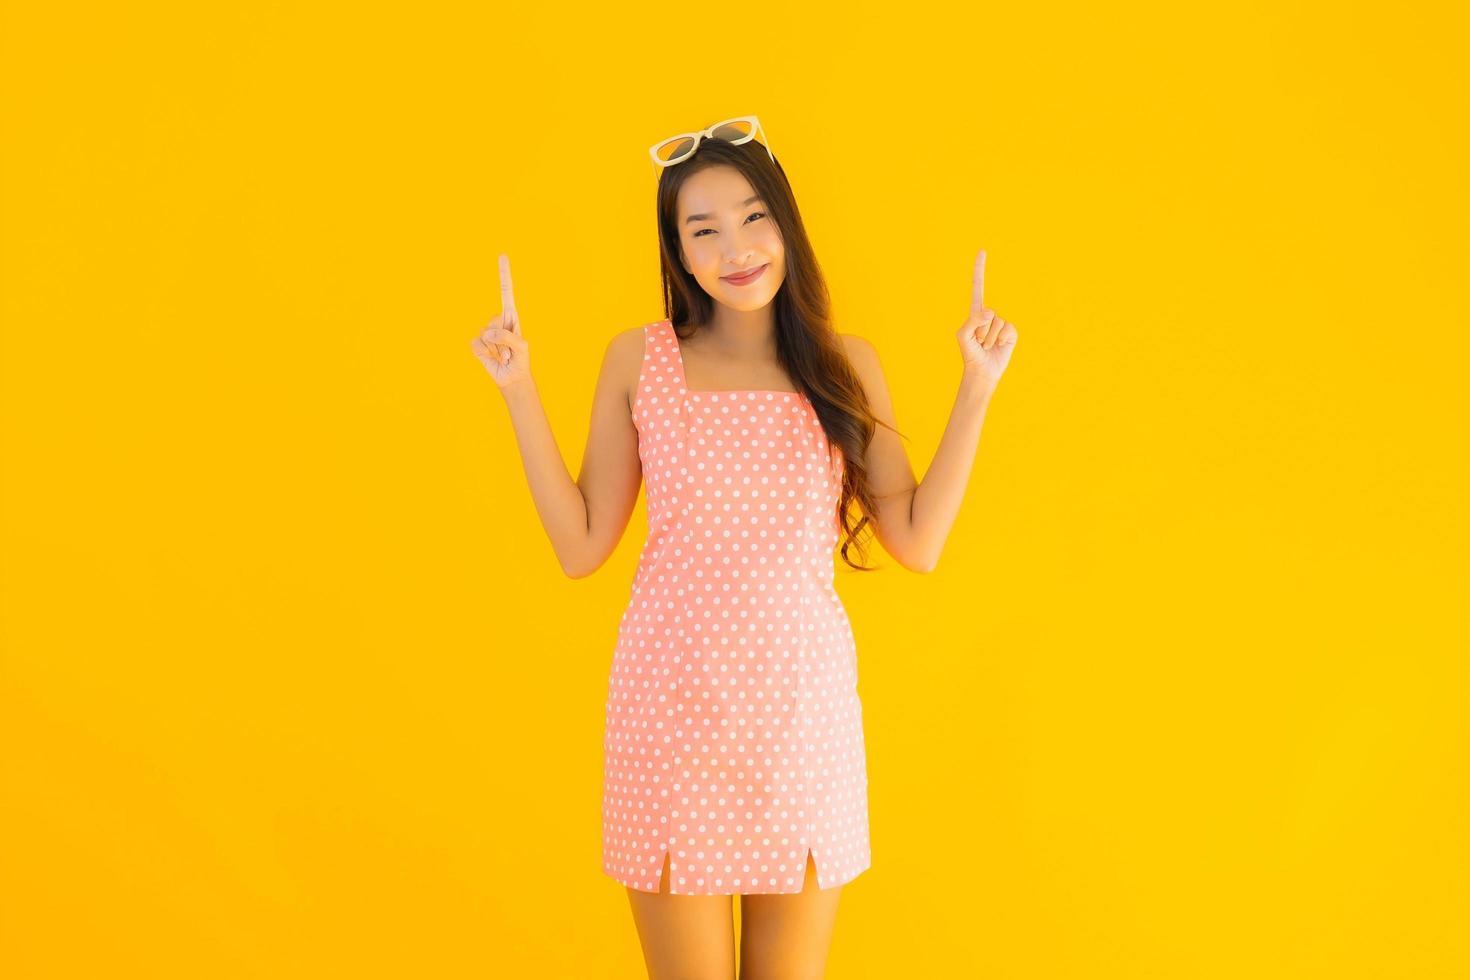 portrait de jeune femme asiatique souriant photo